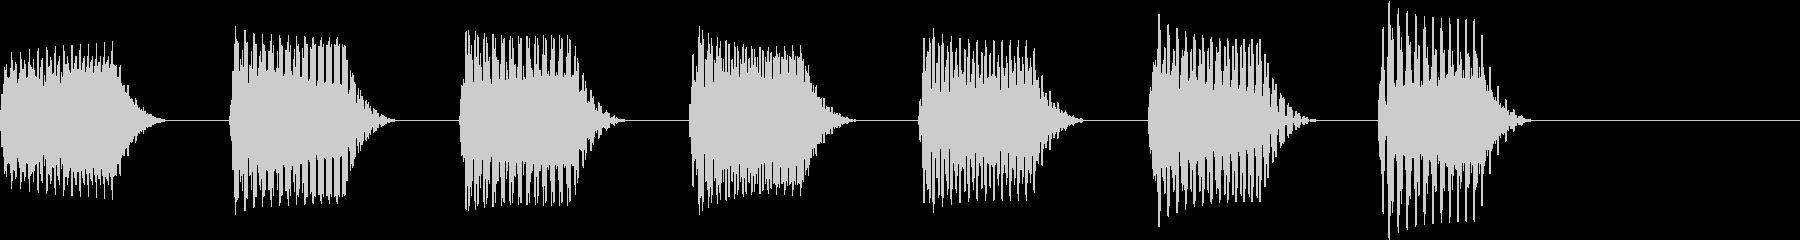 ワープしそうな音01の未再生の波形